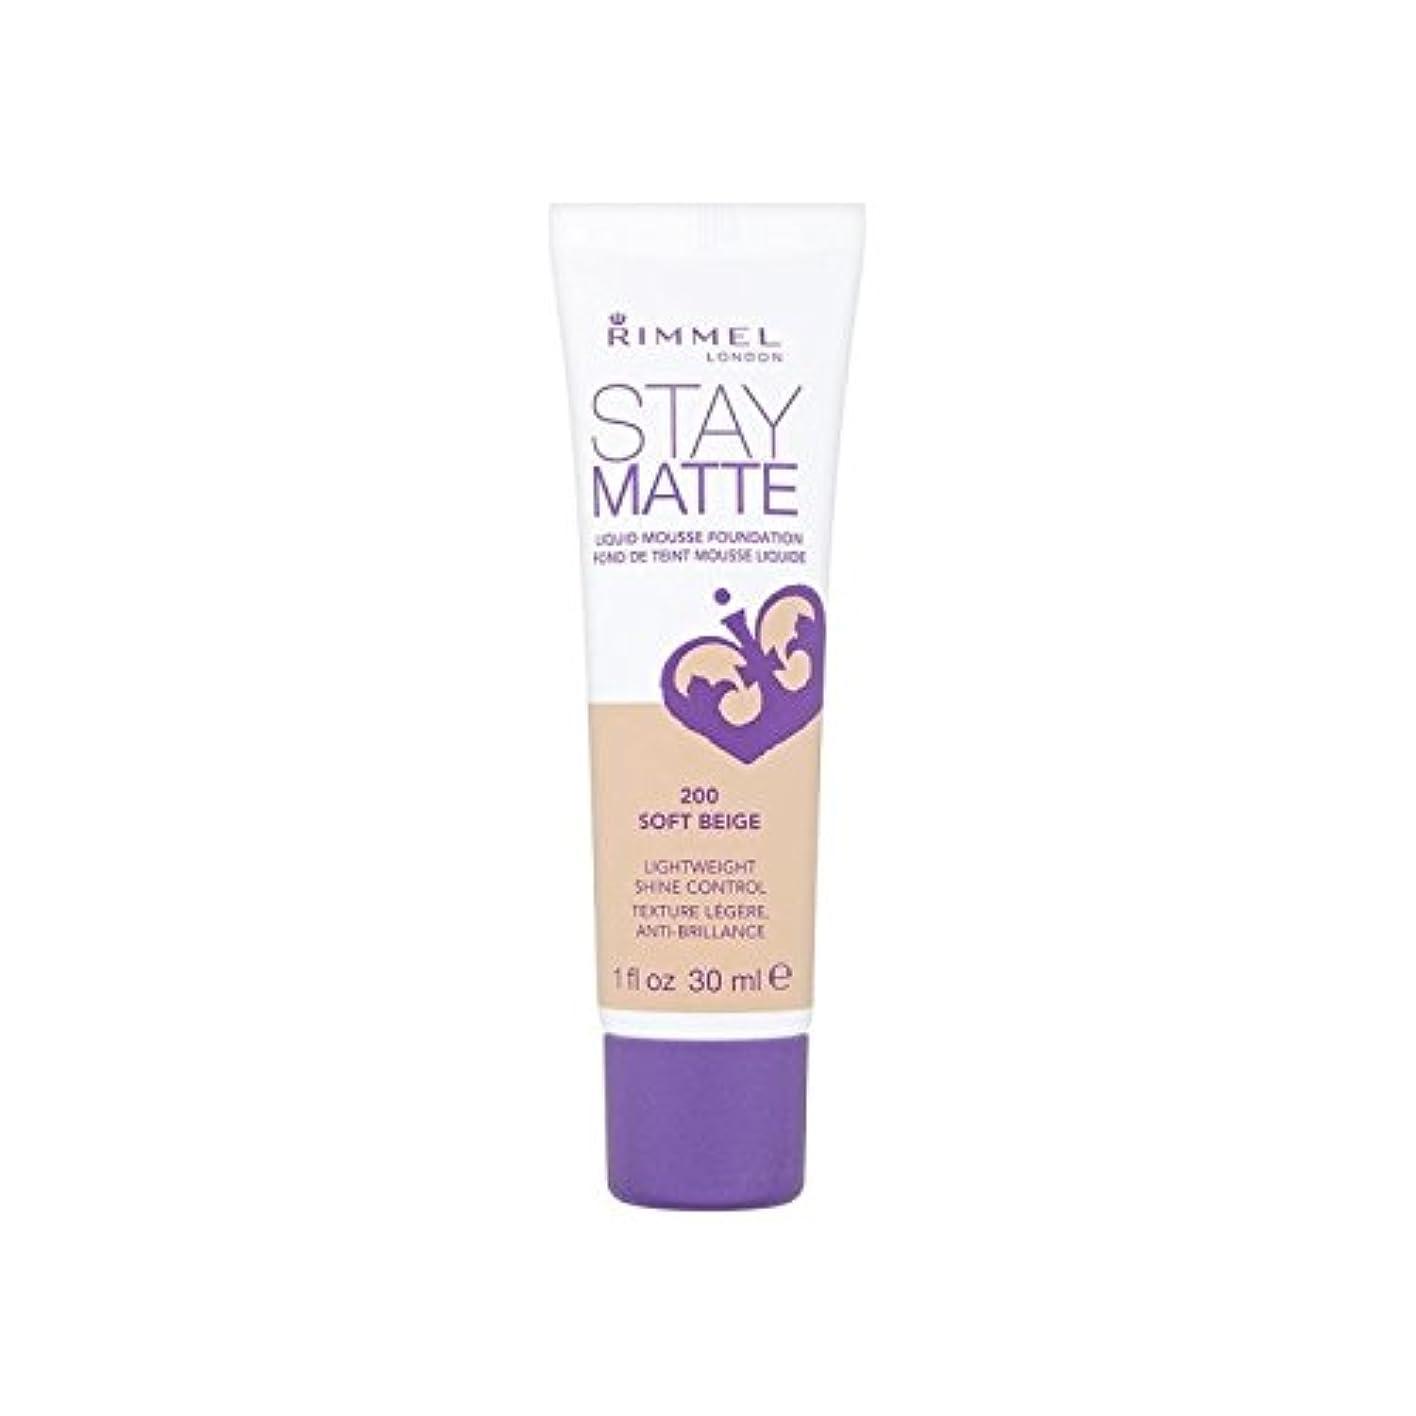 かなりの信頼性のある資本主義リンメルステイマット基盤ソフトベージュ x4 - Rimmel Stay Matte Foundation Soft Beige (Pack of 4) [並行輸入品]